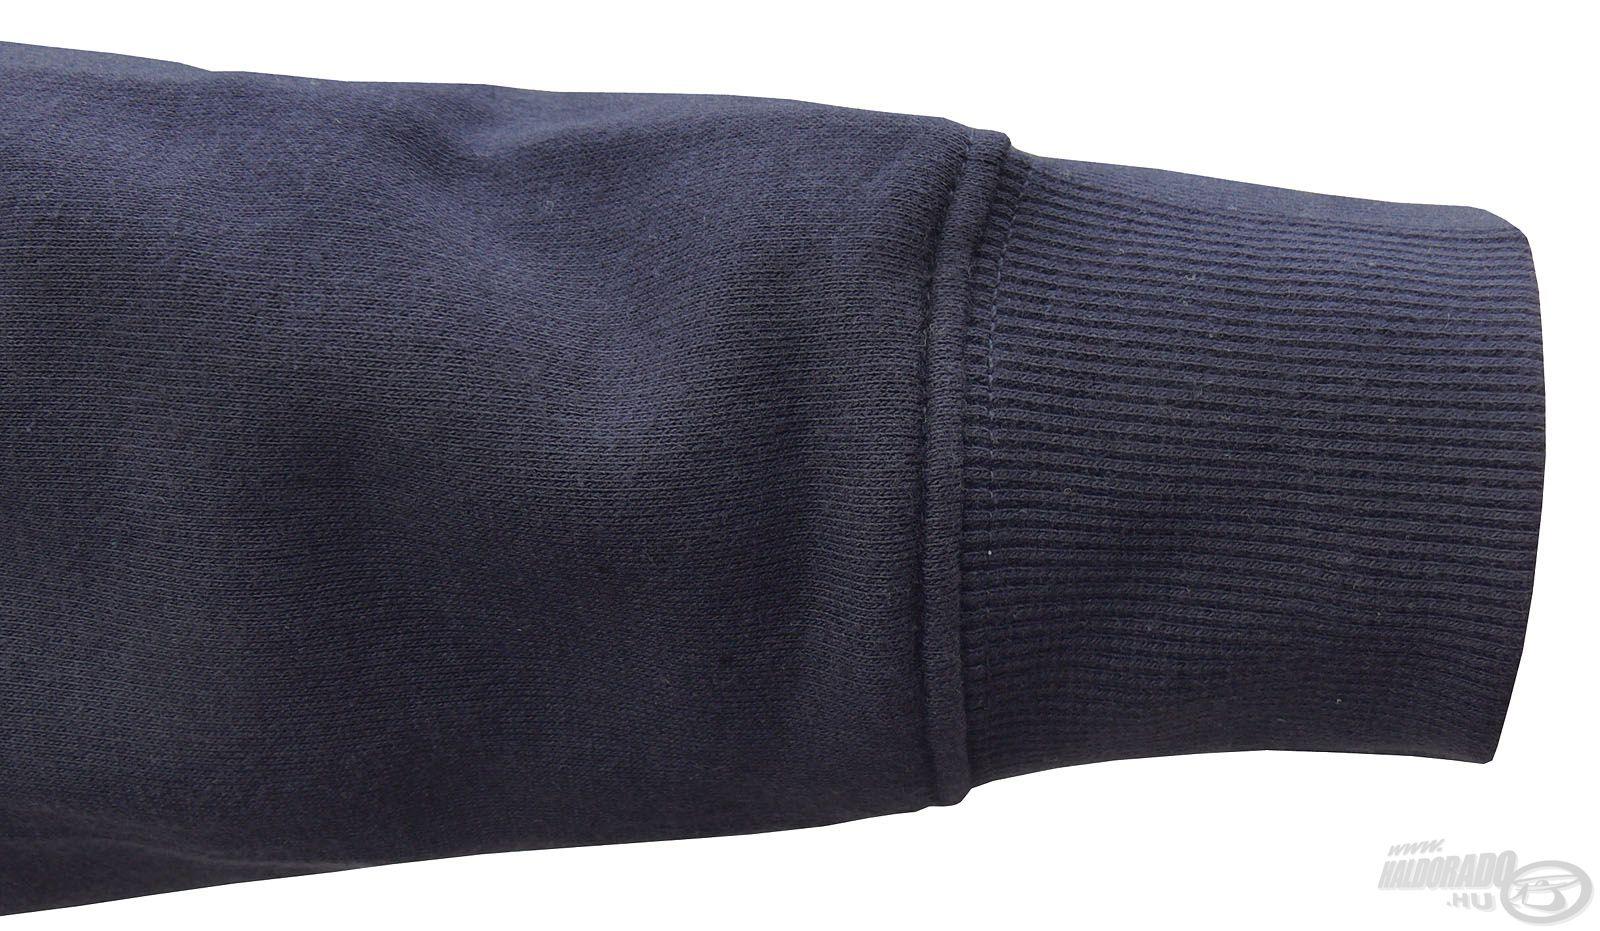 A rugalmas, gumírozott ujjvégnek köszönhetően a hideg egész biztosan nem tud befújni a csuklónknál, ezzel is növelve a komfortérzetet